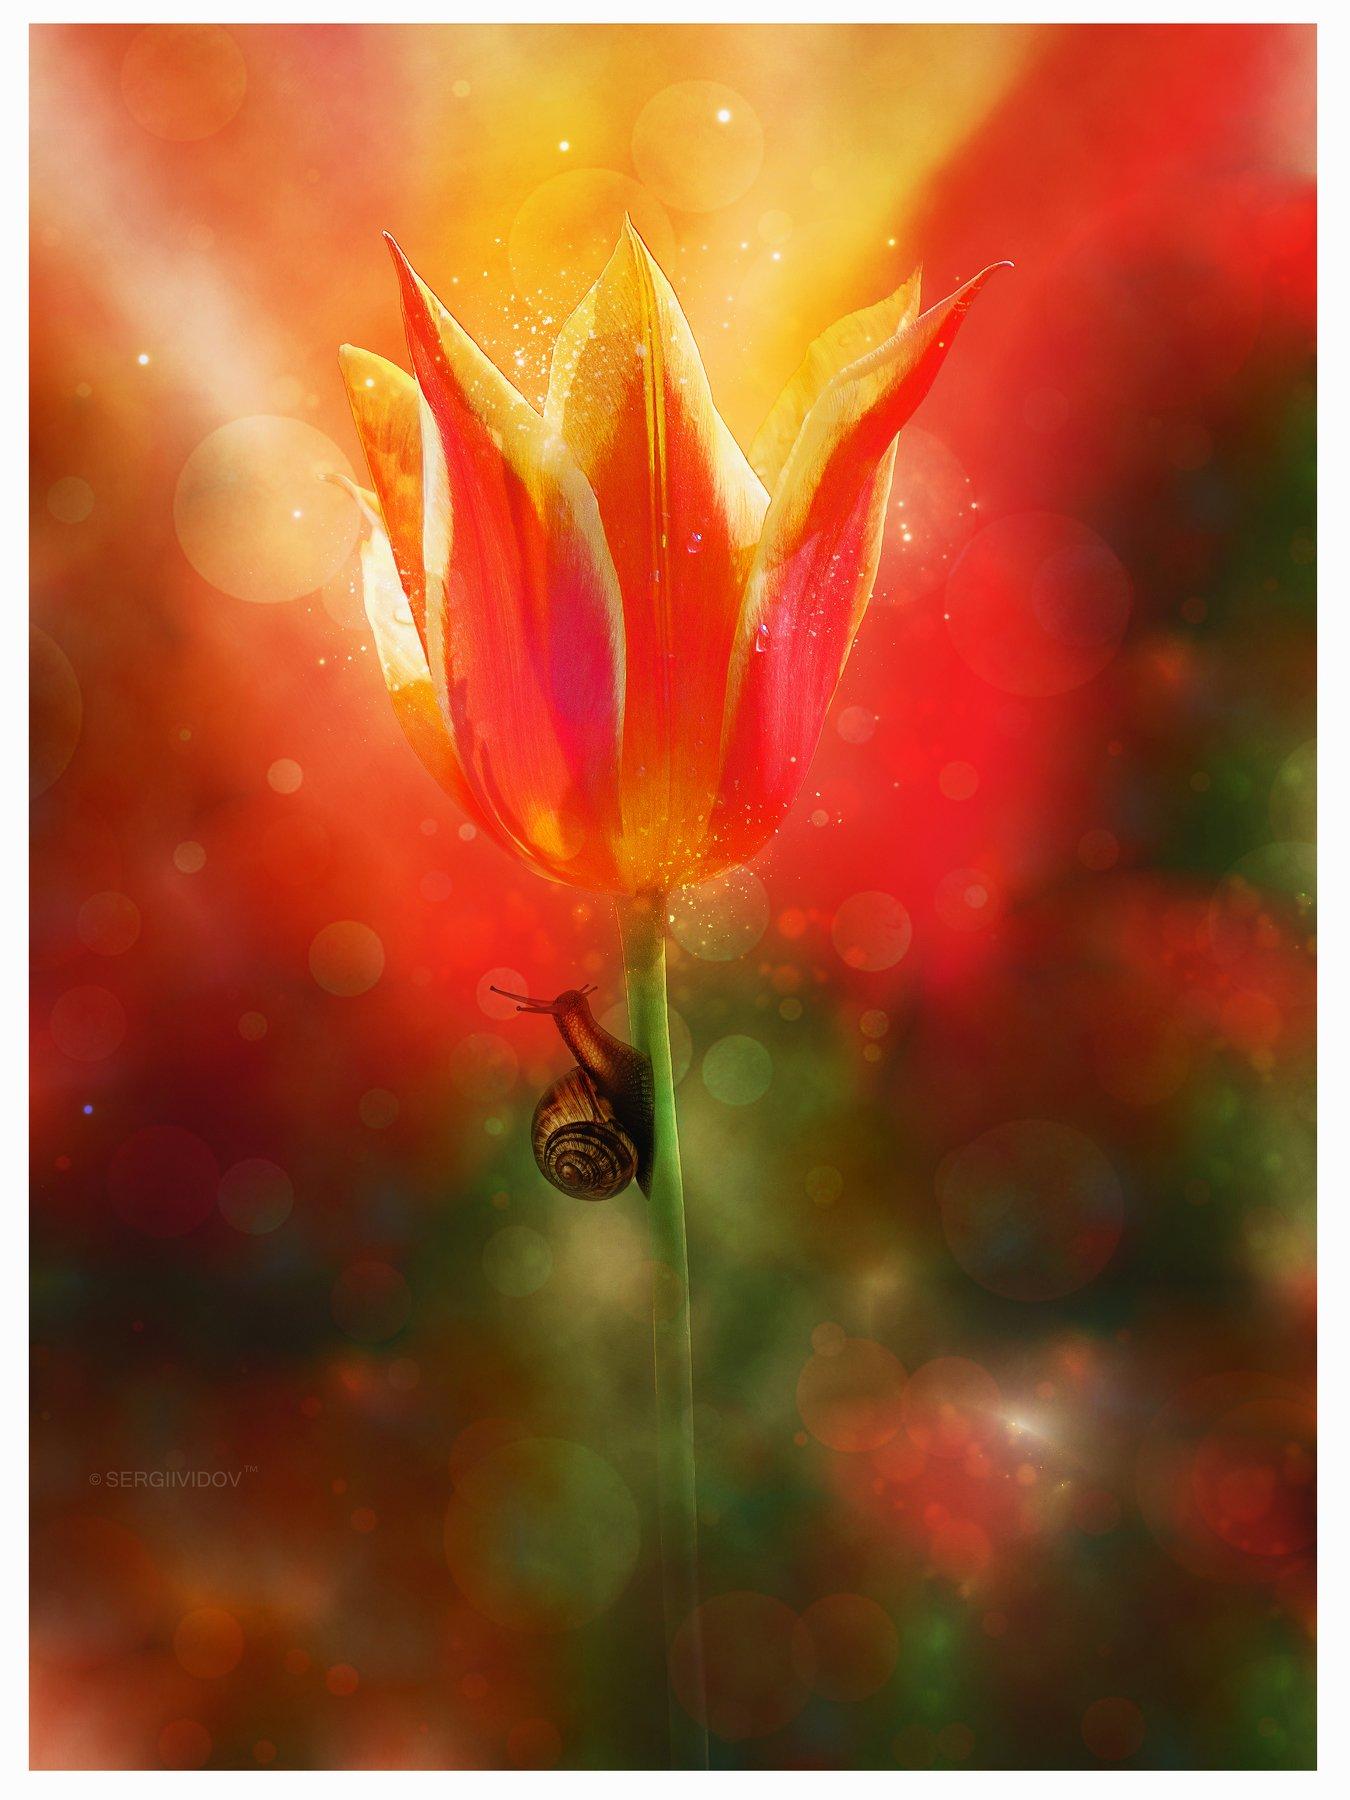 тюльпан, флора, улитка, Sergii Vidov